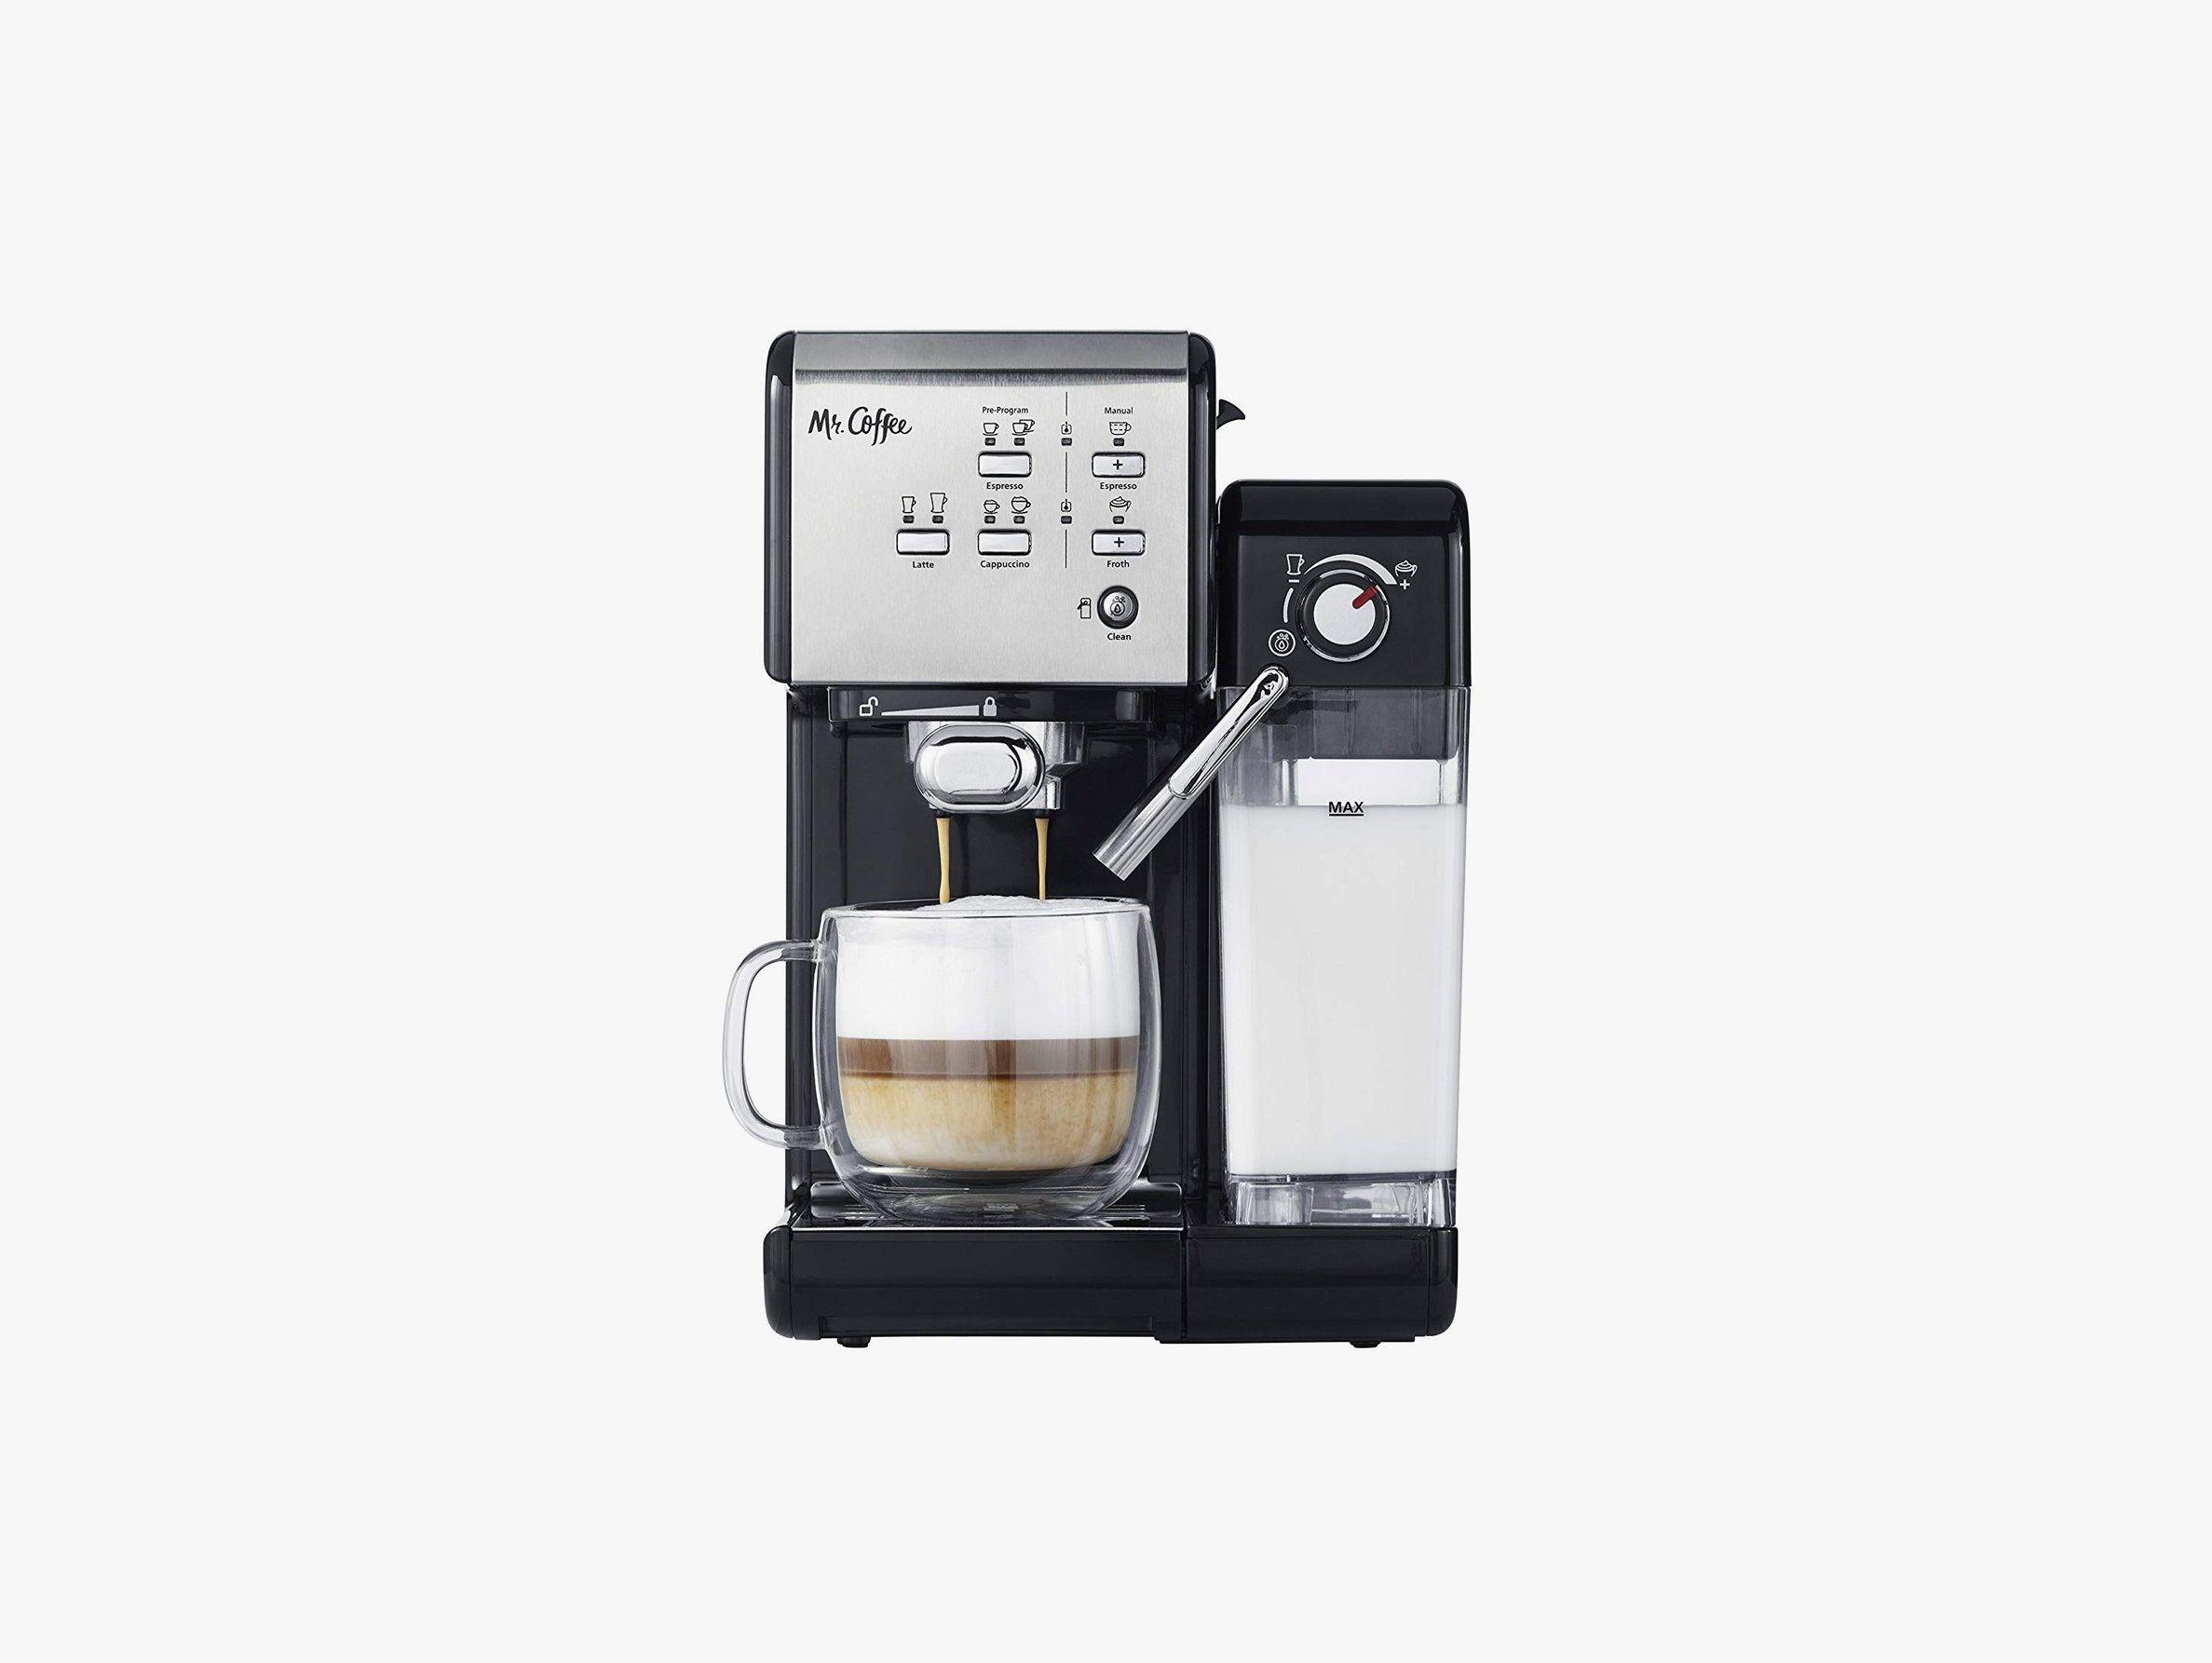 Breville Coffee Machine Grinder Not Working In 2020 Coffee Machine Brands Coffee Machine Tea Coffee Vending Machine